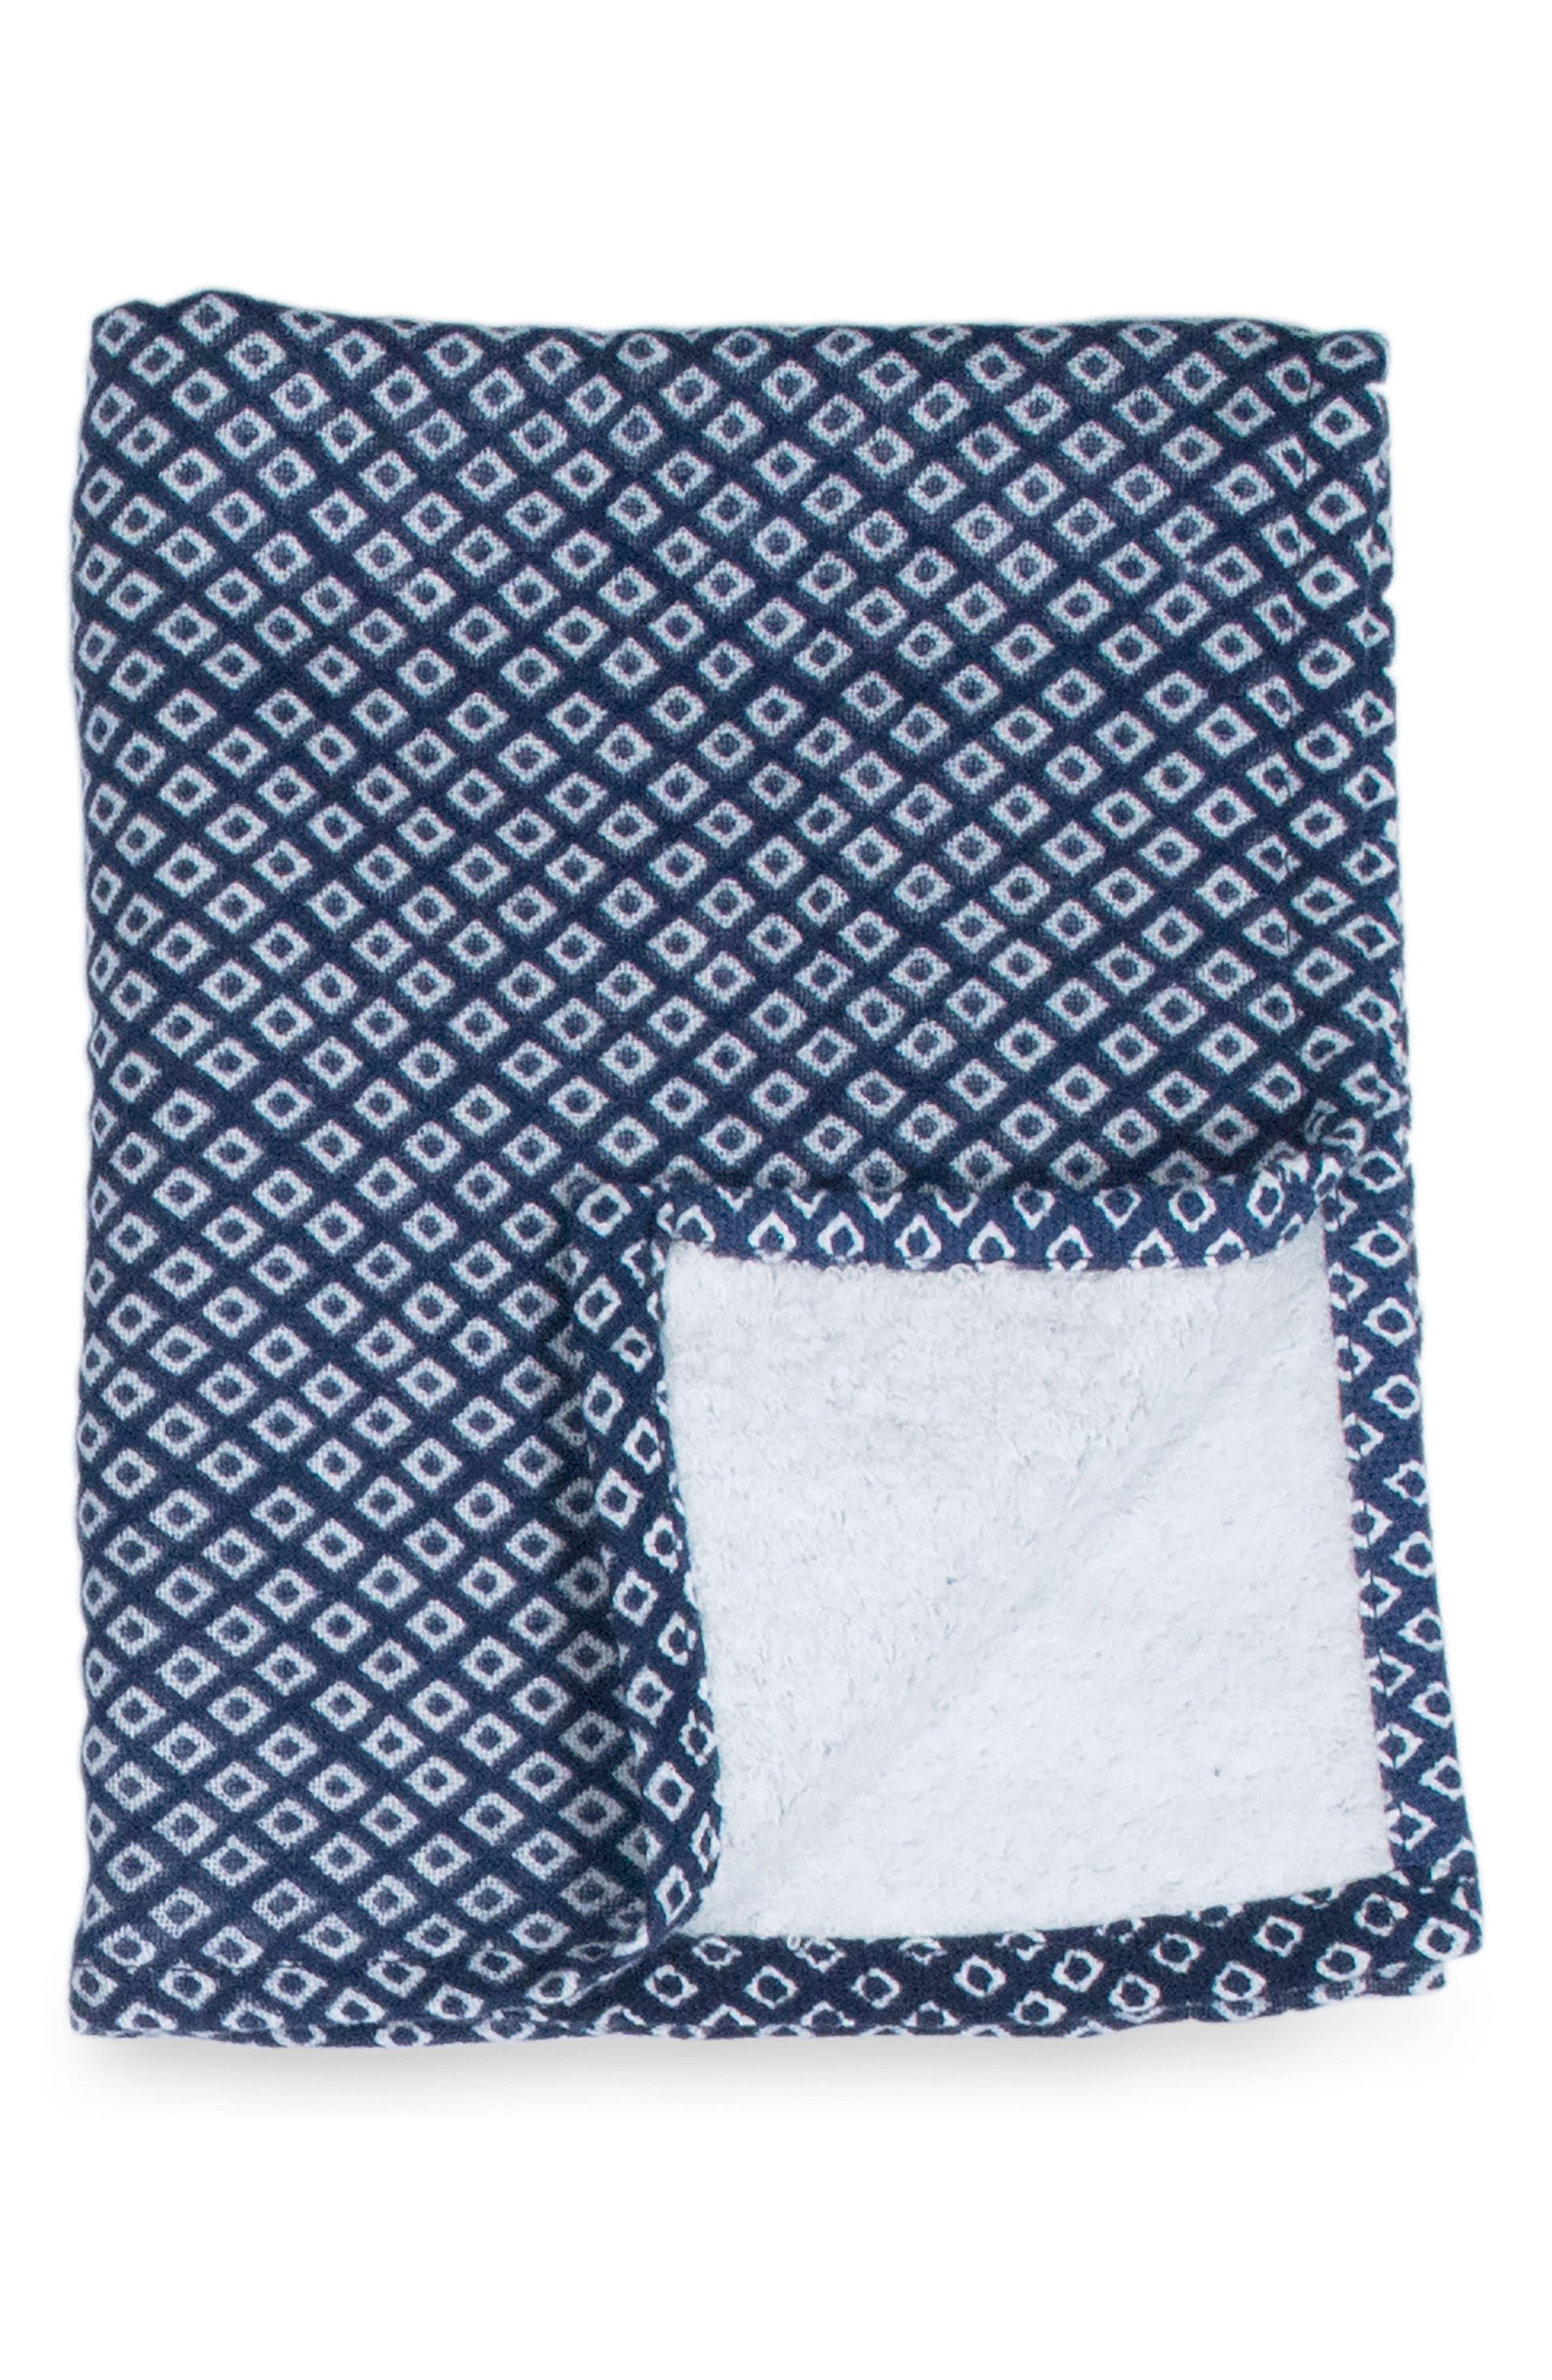 Alternate Image 1 Selected - Uchino Zero Twist Print Hand & Hair Towel